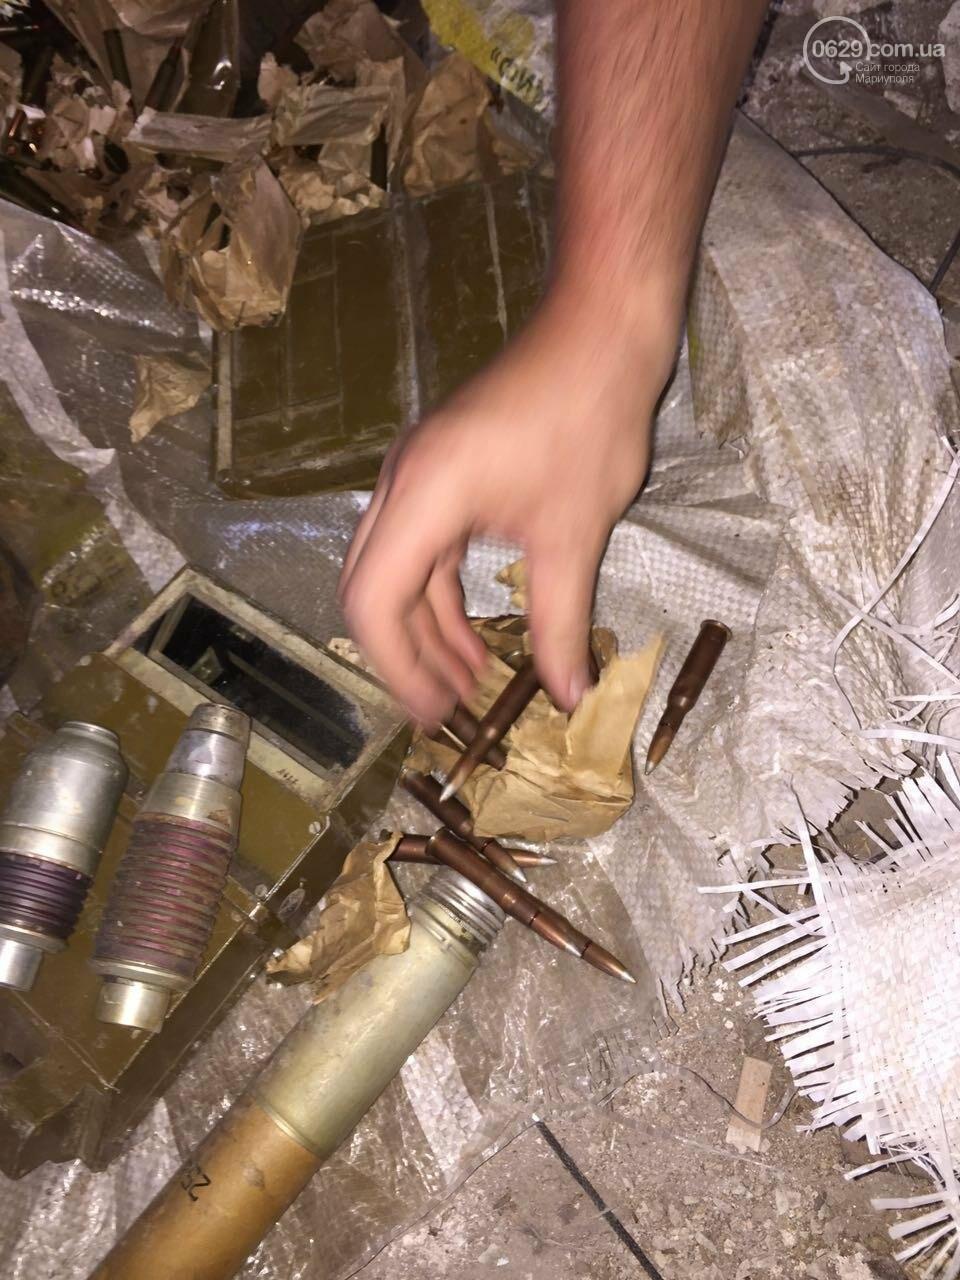 В разрушенной больнице под Мариуполем обнаружен ящик с тротилом и гранатами (ФОТО), фото-9